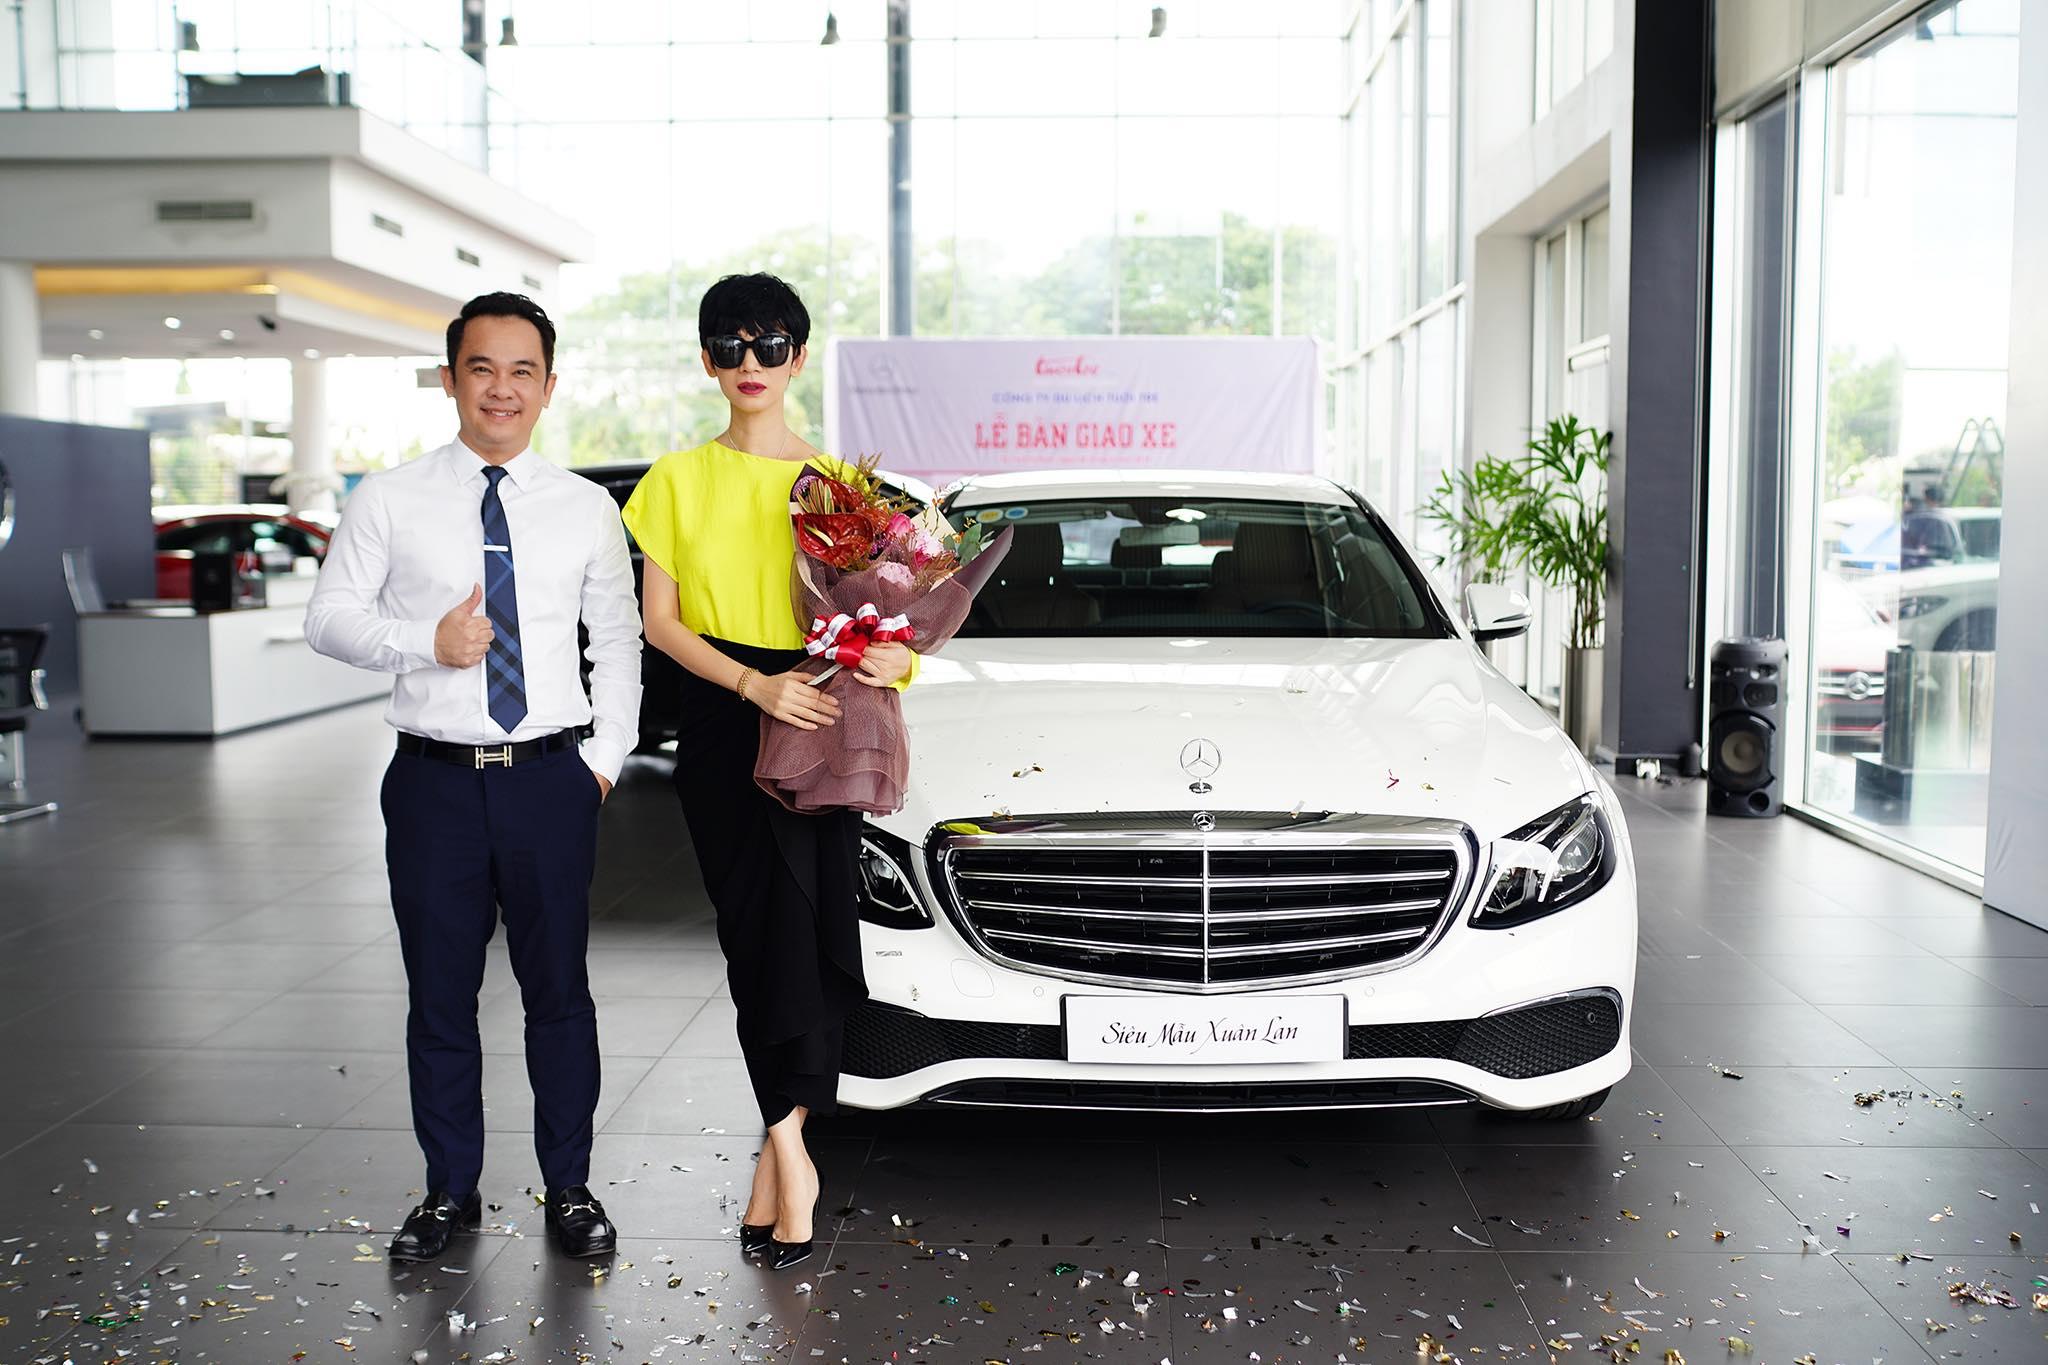 Siêu mẫu Xuân Lan tậu xe Mercedes-Benz E200 hơn 2 tỷ đồng - 08